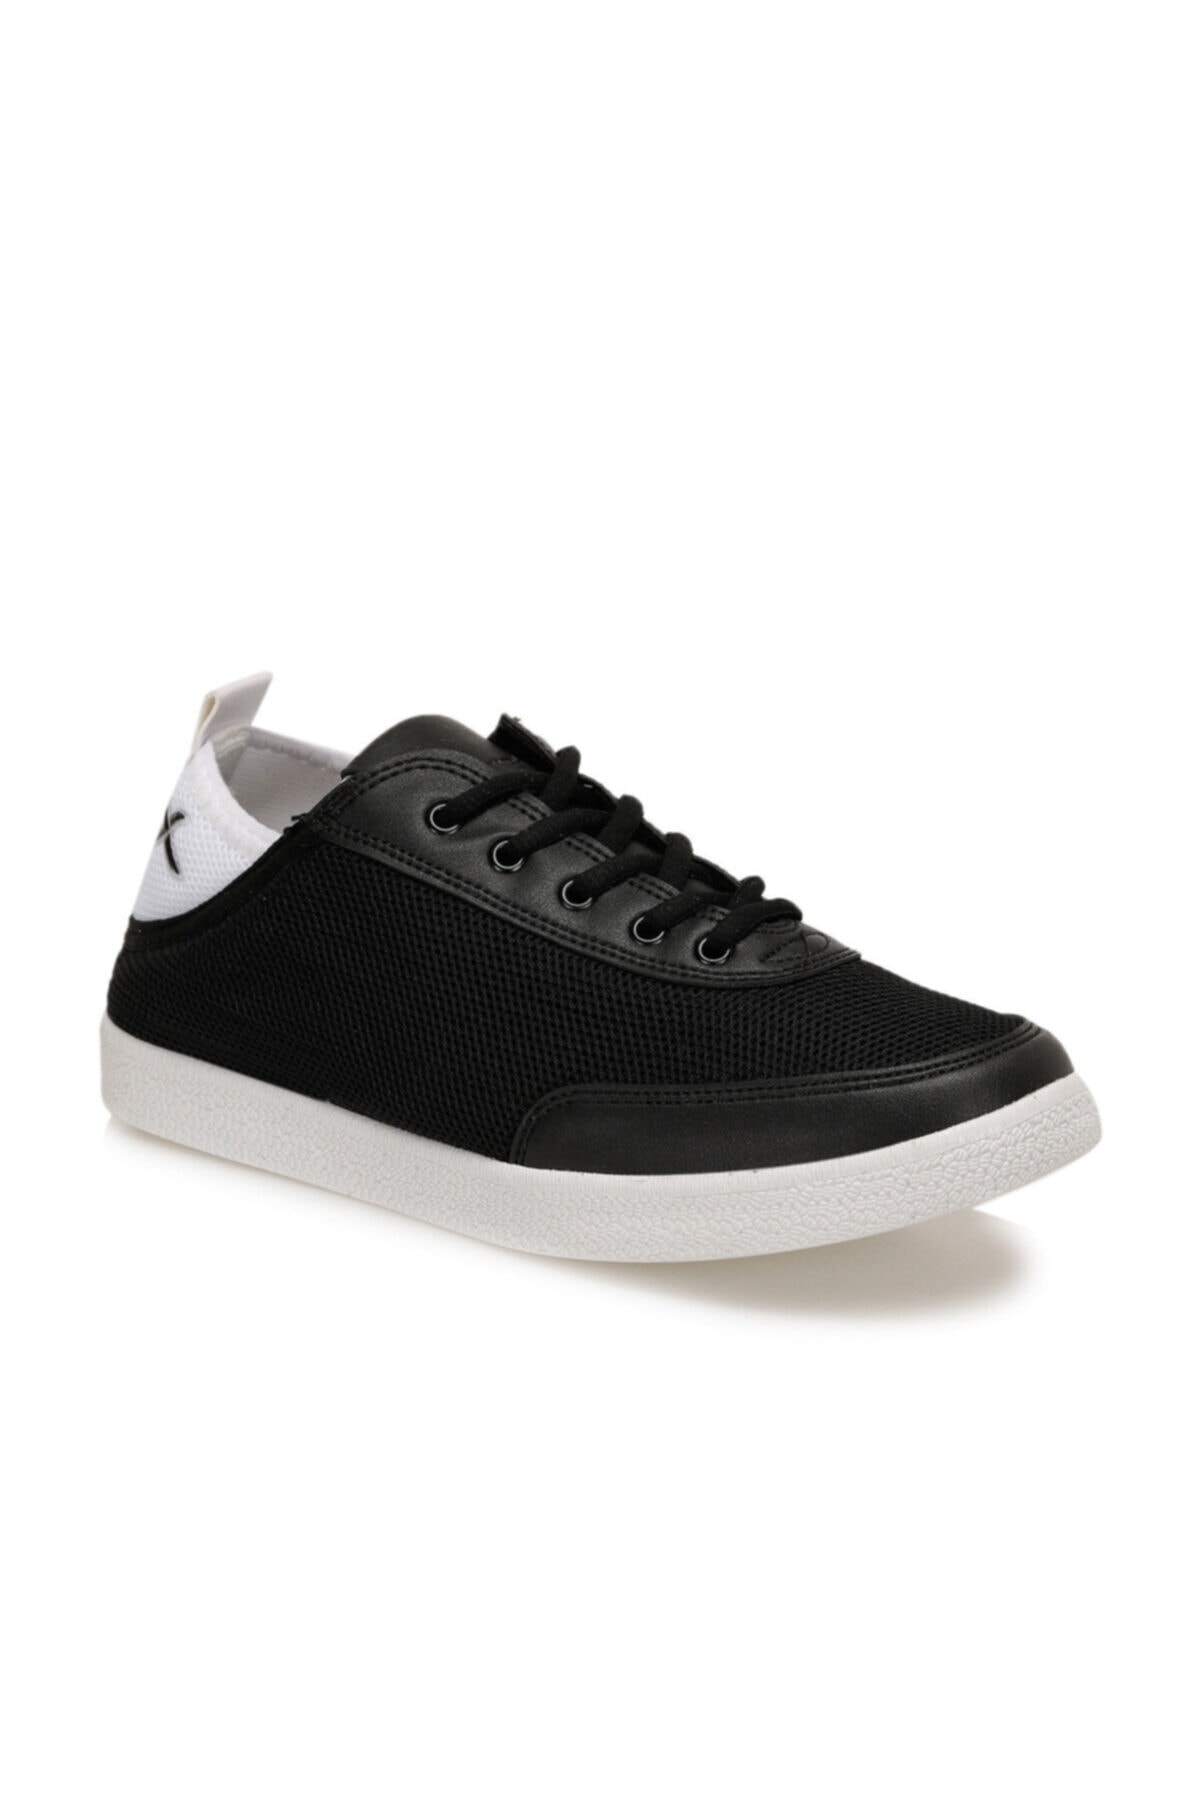 Kinetix DARBY Siyah Erkek Sneaker 100496444 1